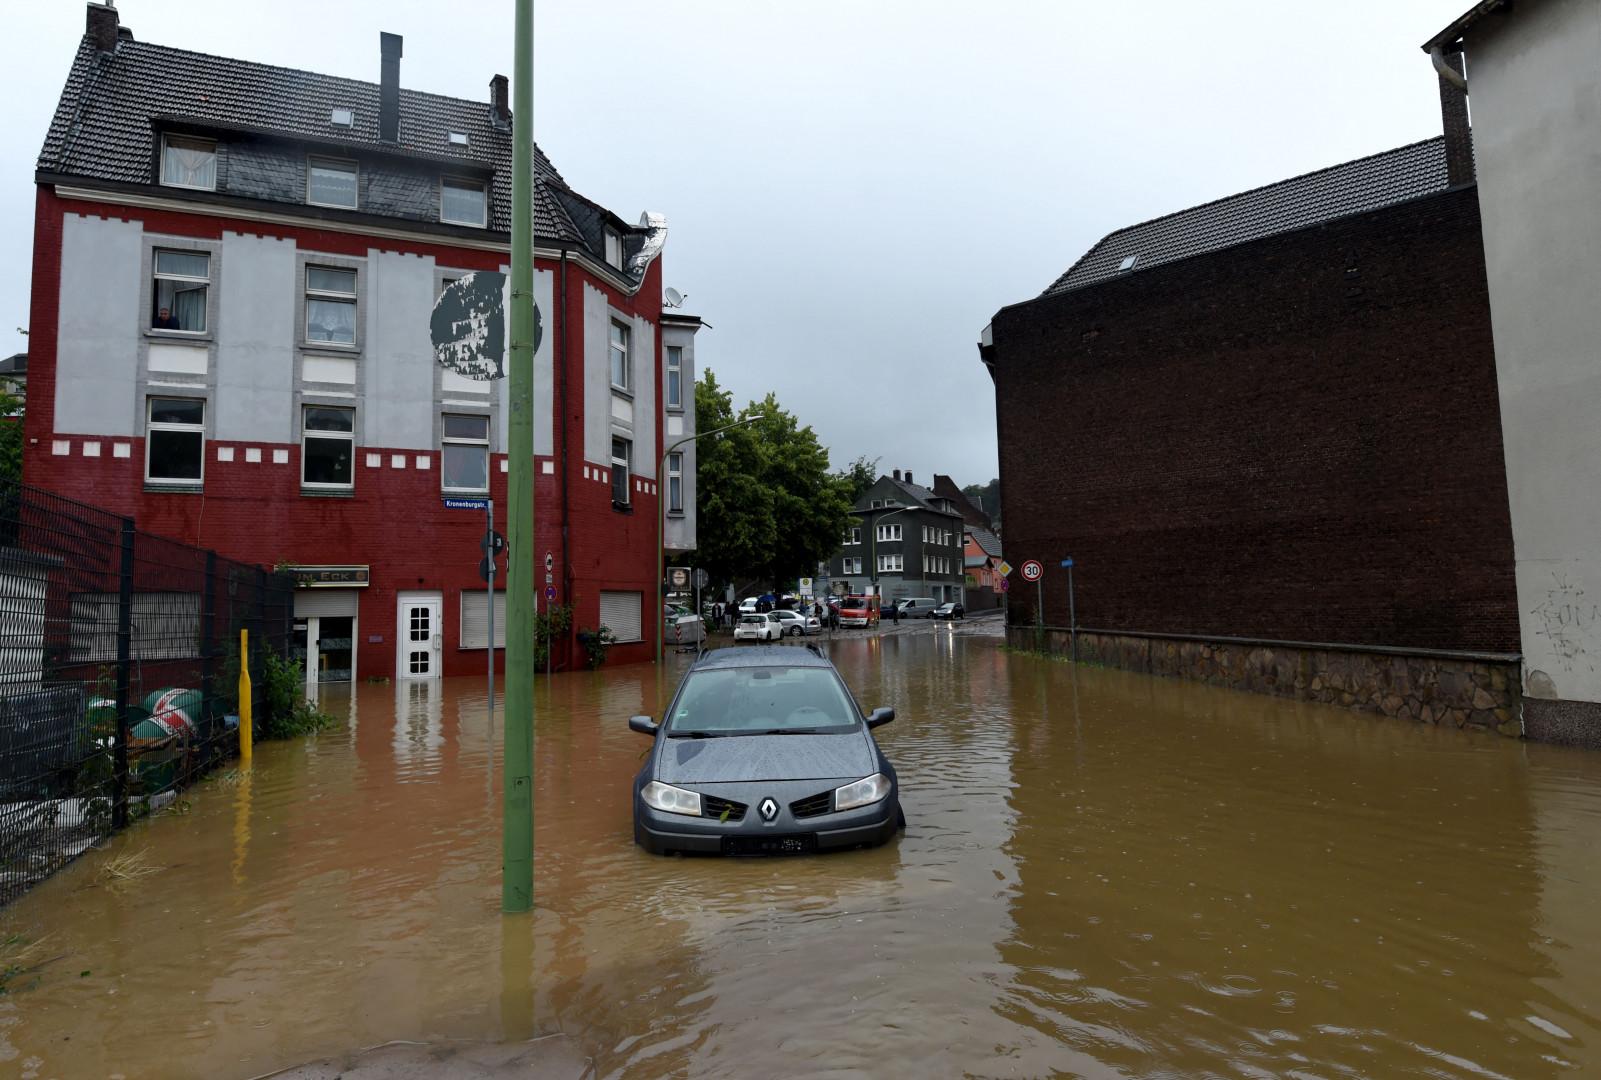 Rue inondée à Hagen, ouest de l'Allemagne le 14 juillet